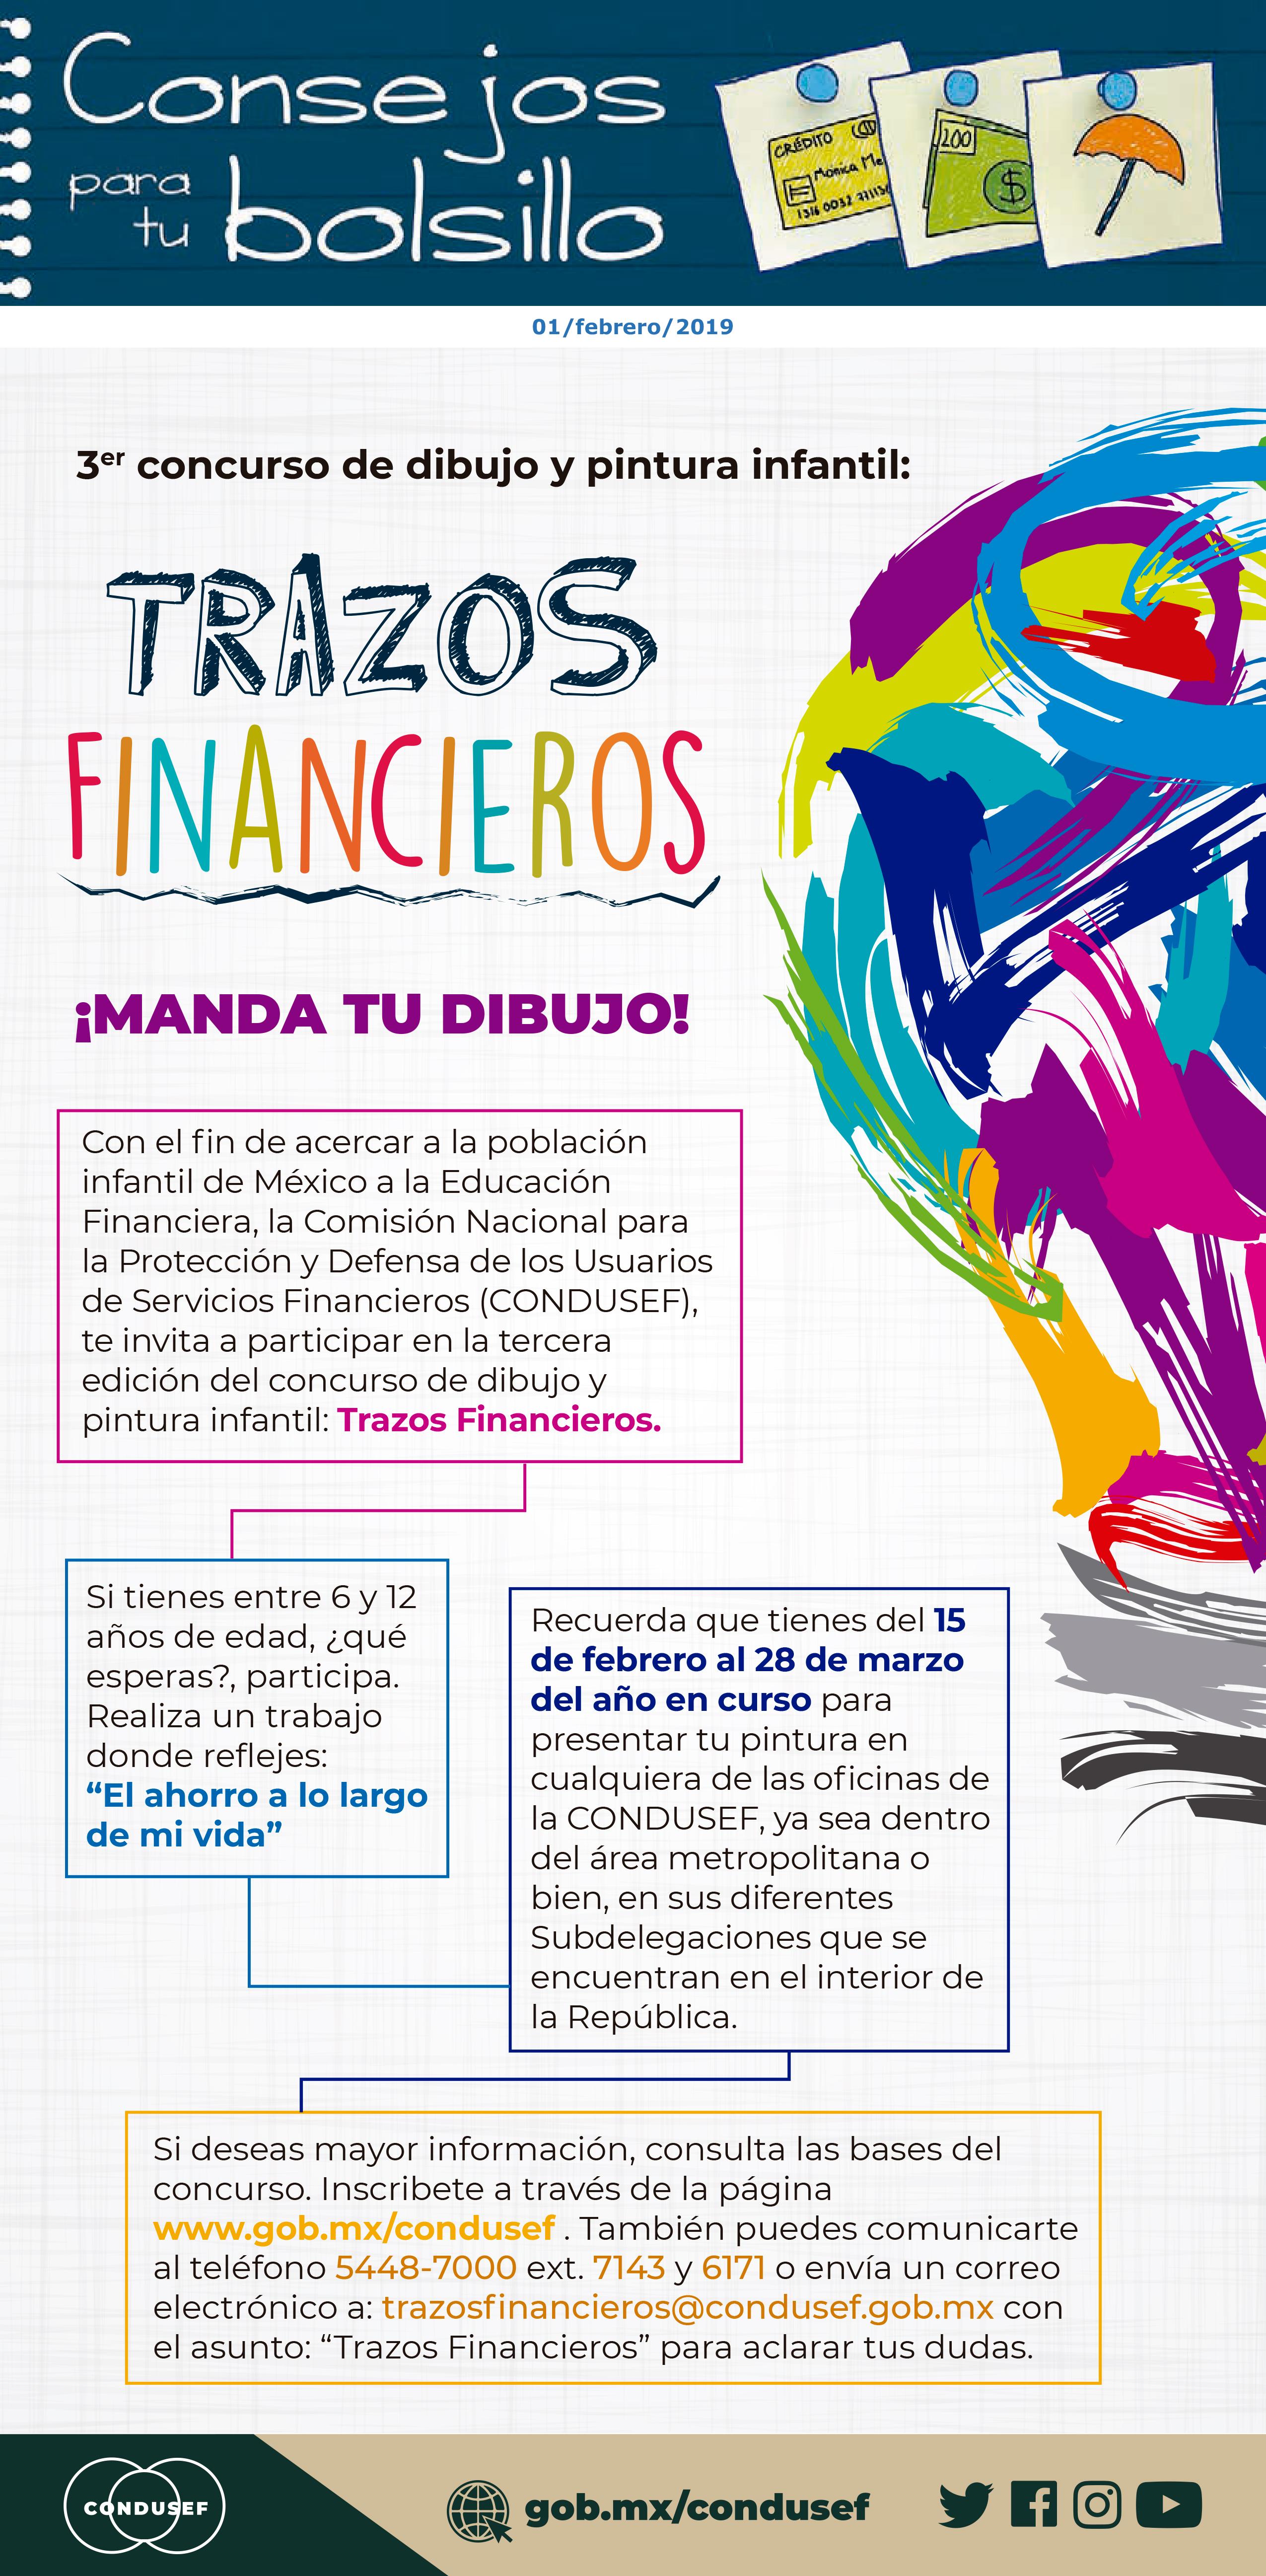 Tercer Concurso de Dibujo y Pintura Infantil: Trazos Financieros